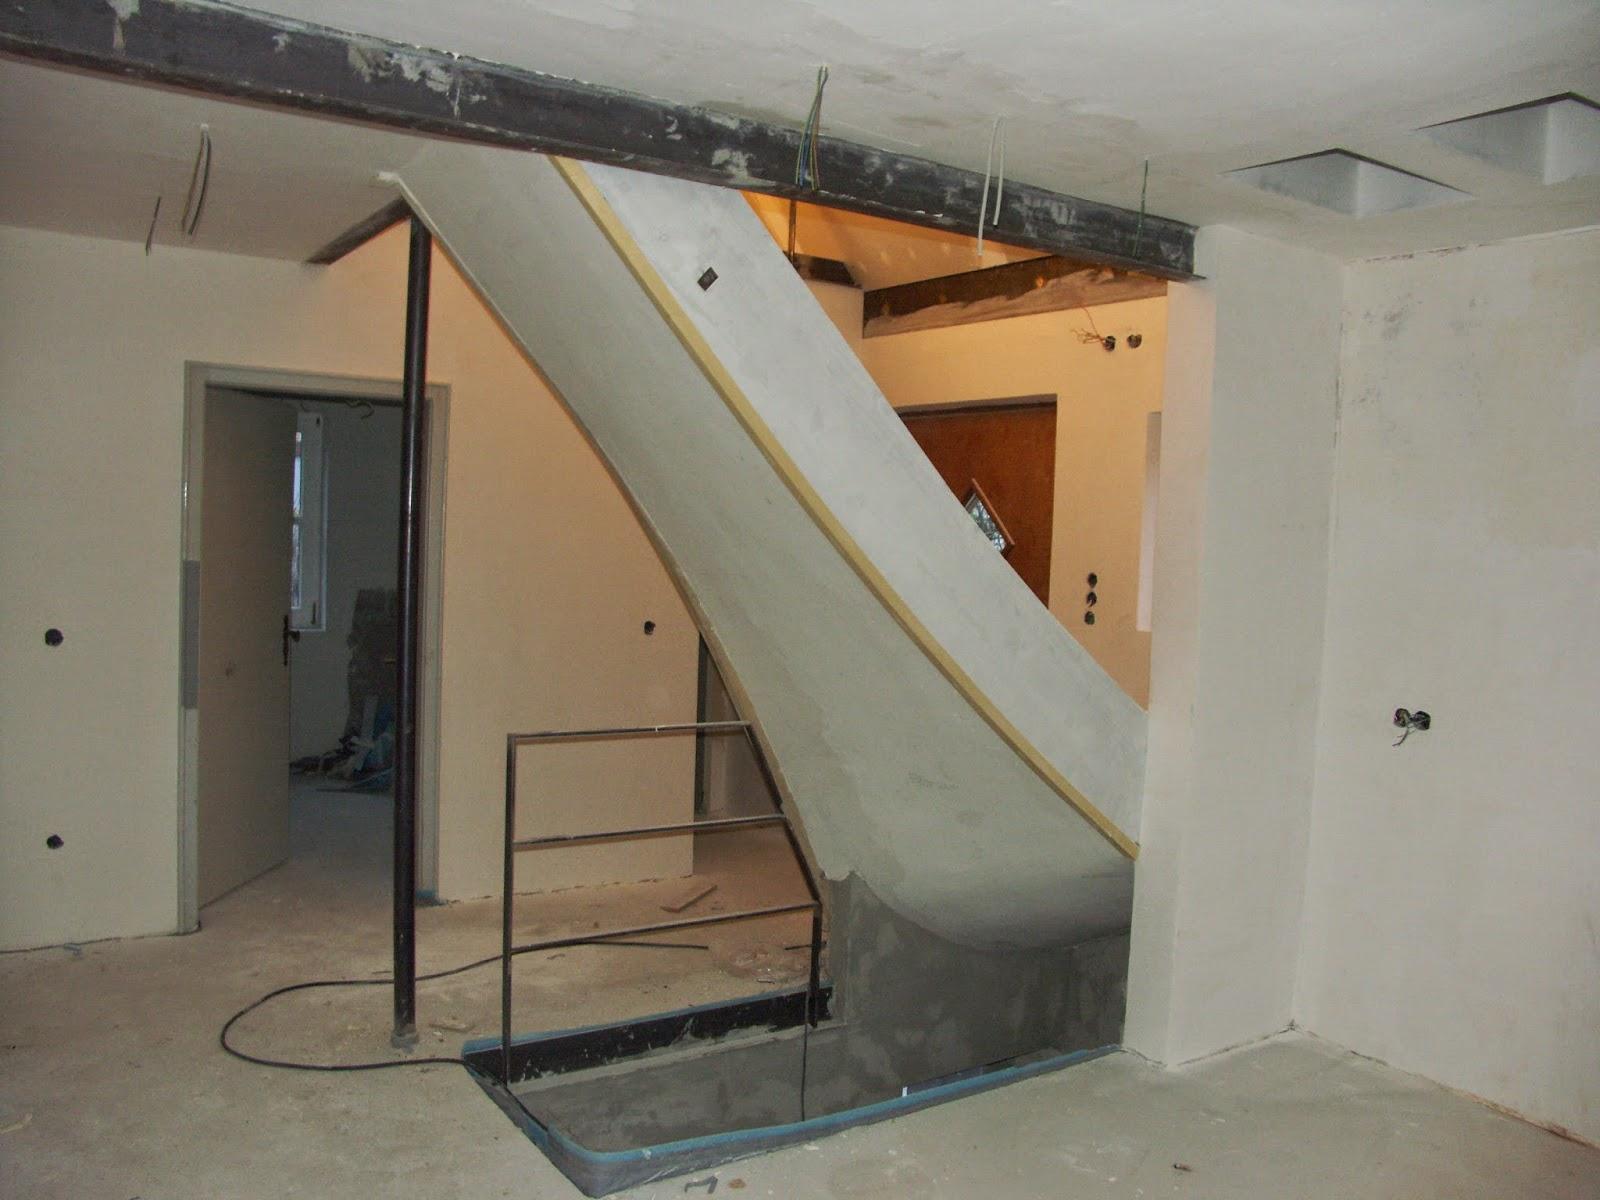 Baustellenbericht: Vom Siedlerhaus Zum Wohntraum